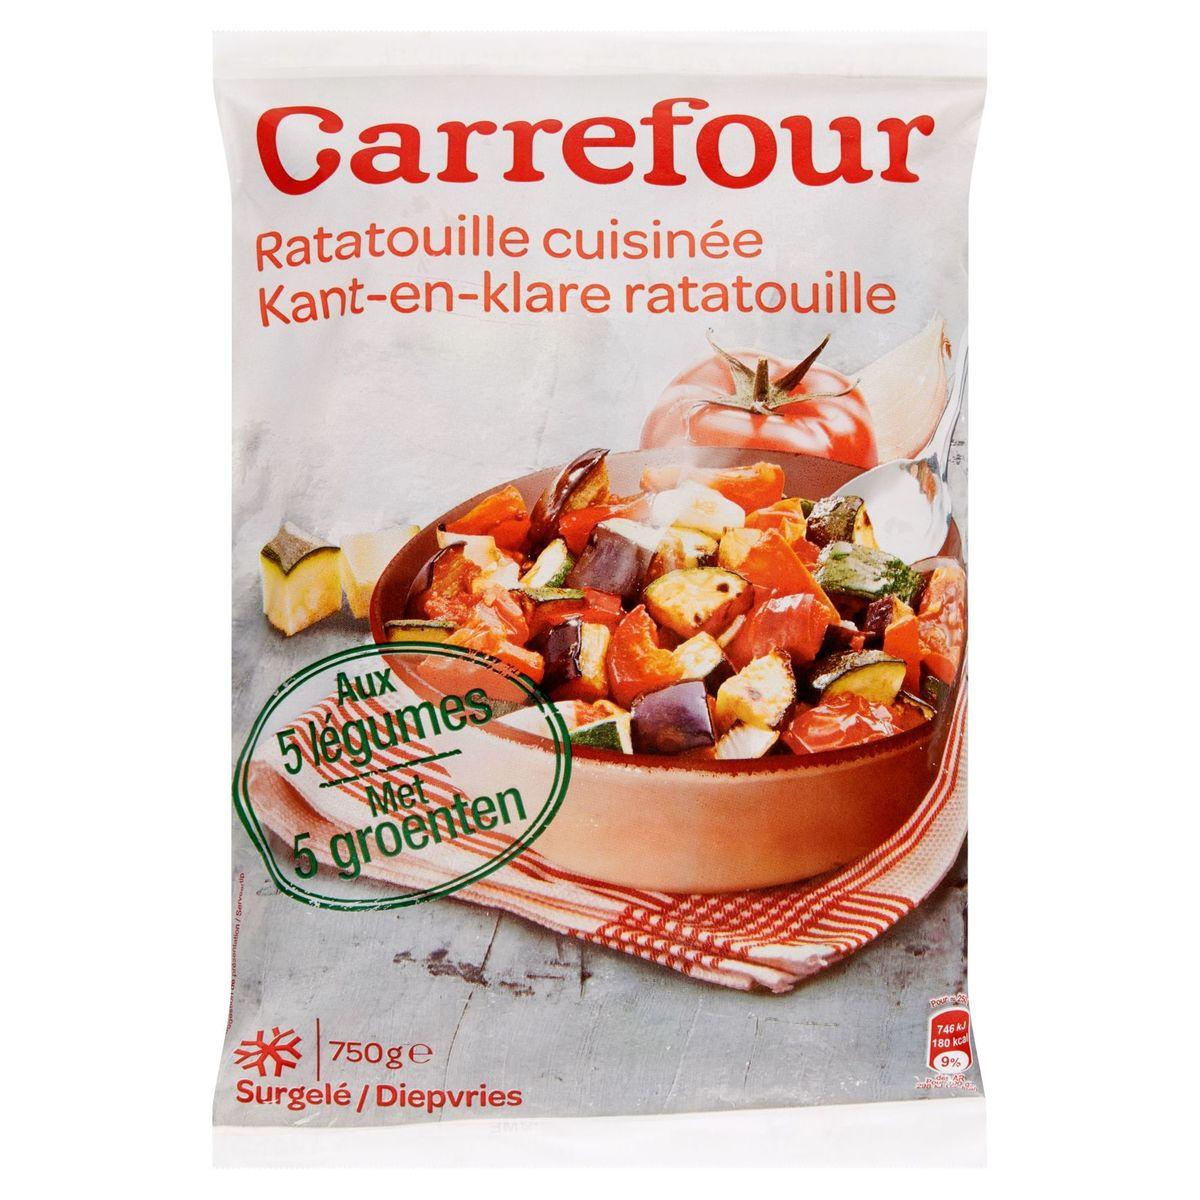 Carrefour Ratatouille Cuisinée aux 5 Légumes 750 g